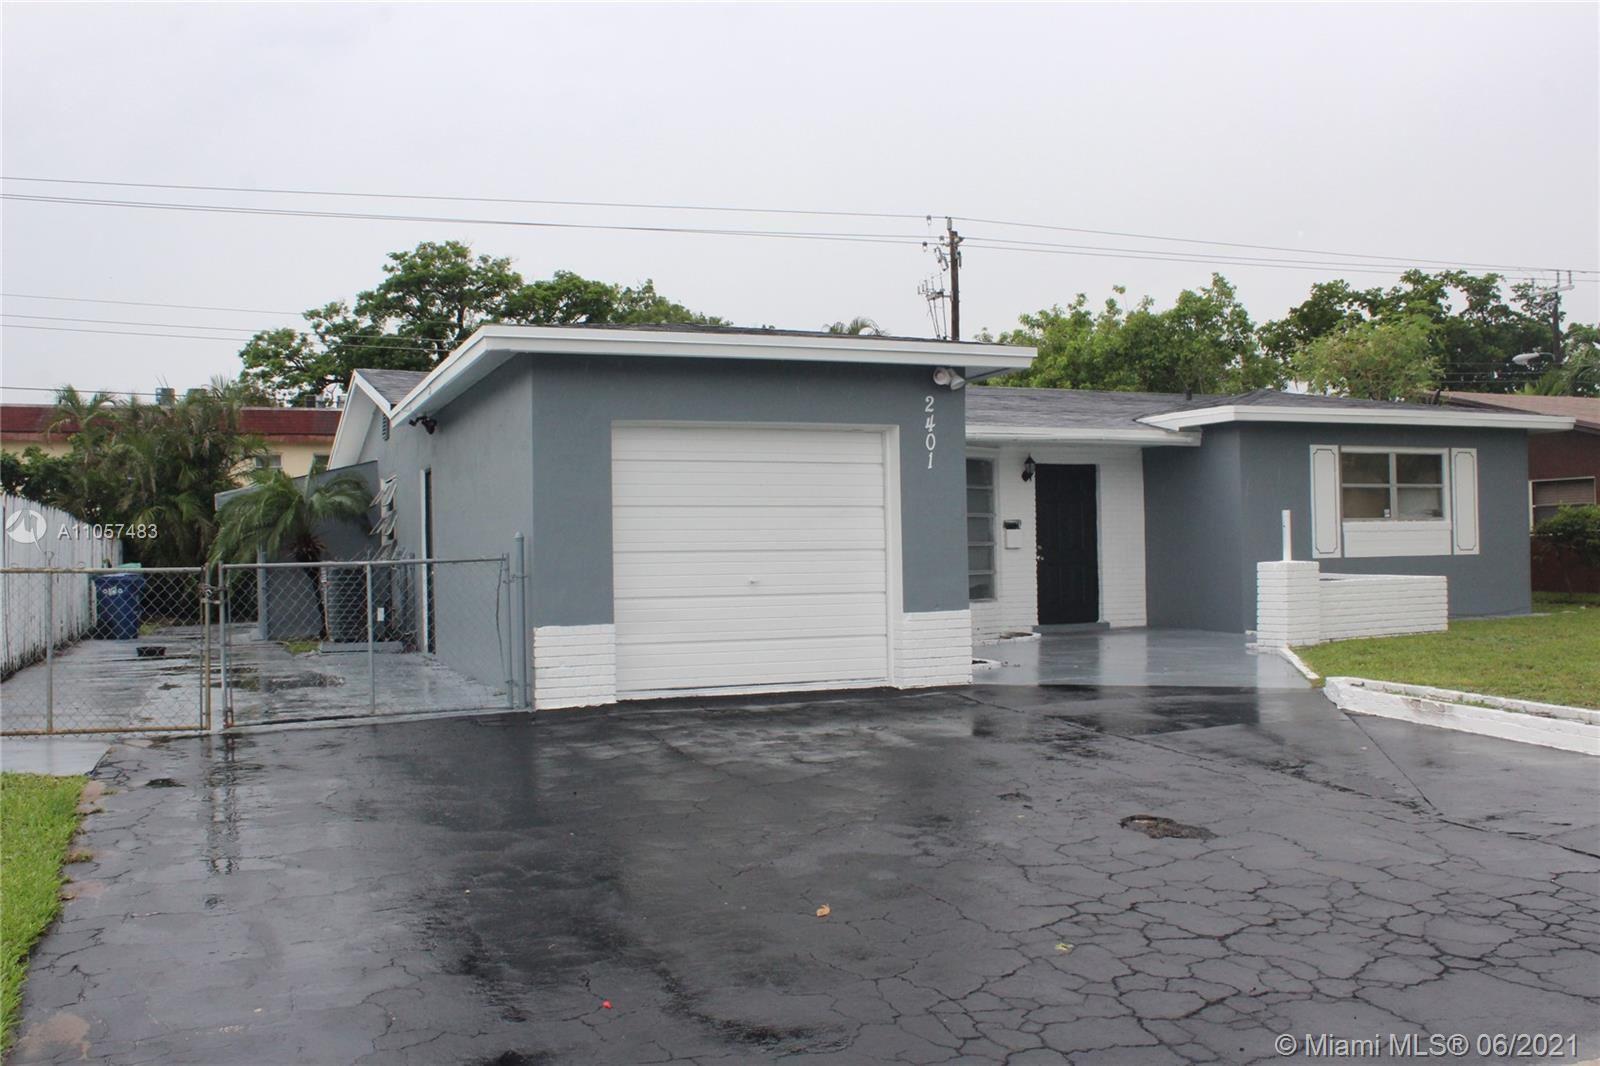 2401 NW 47th Ave, Lauderhill, FL 33313 - #: A11057483